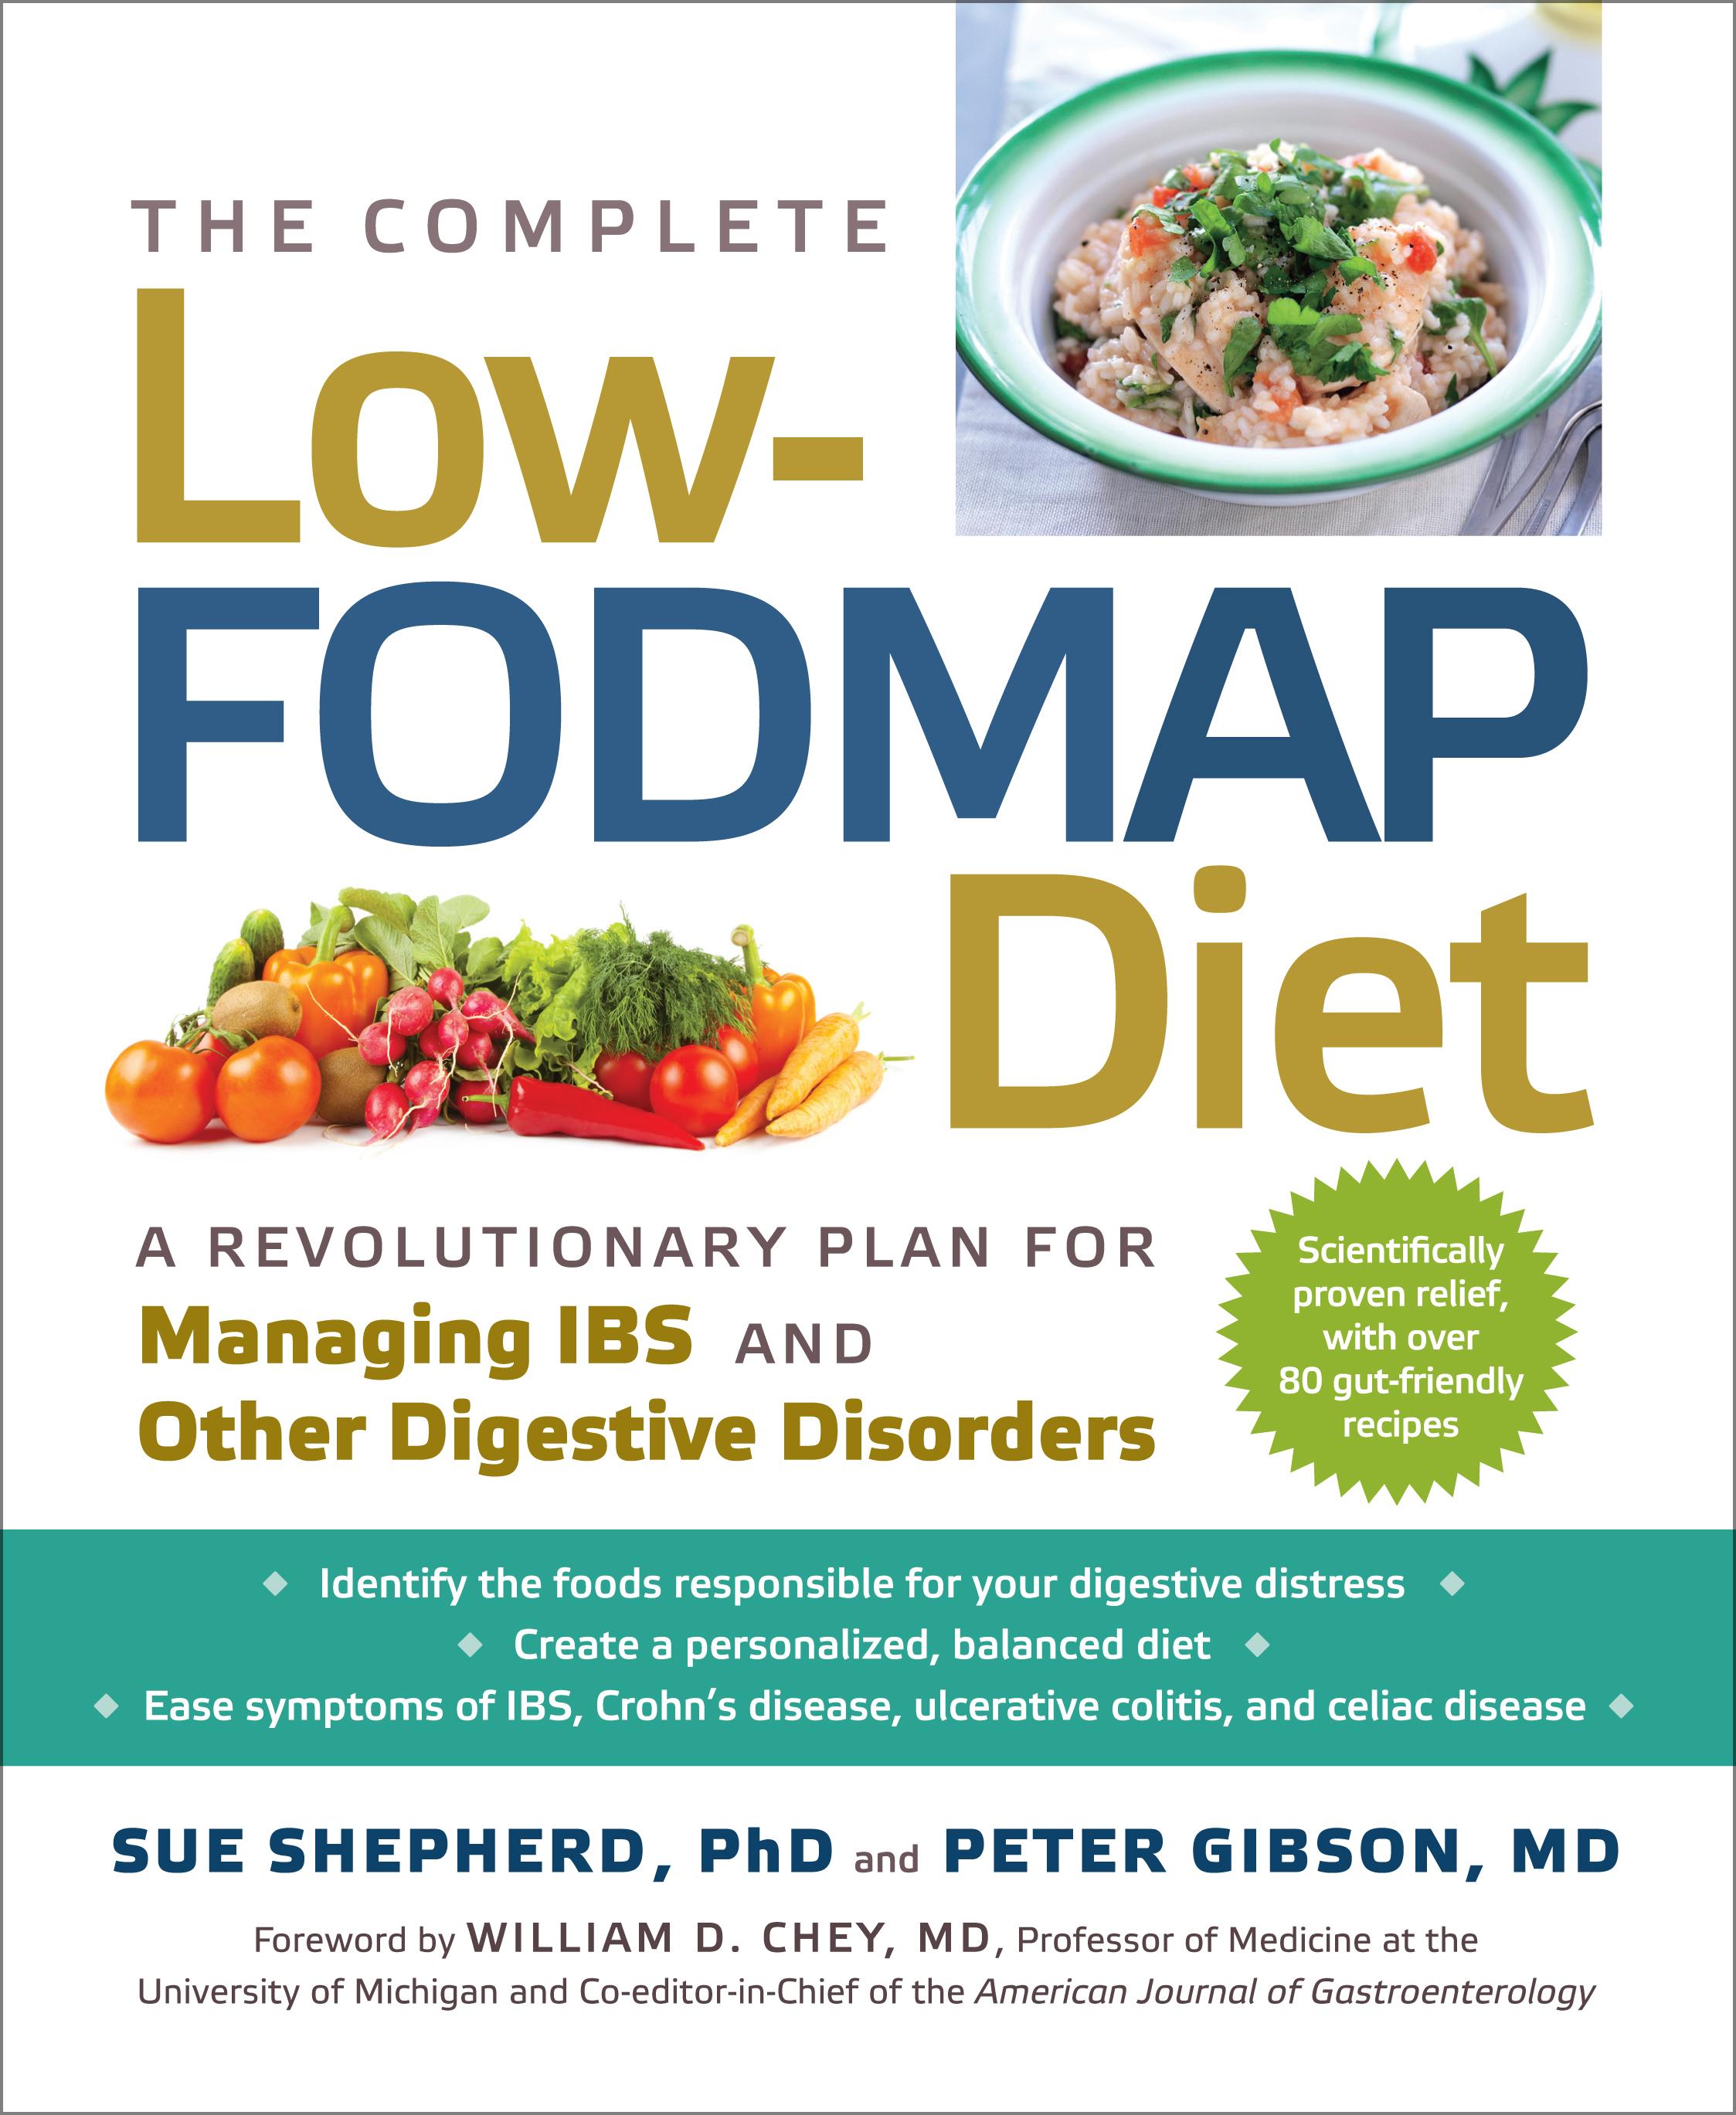 low fodmap diet and ibs scholar